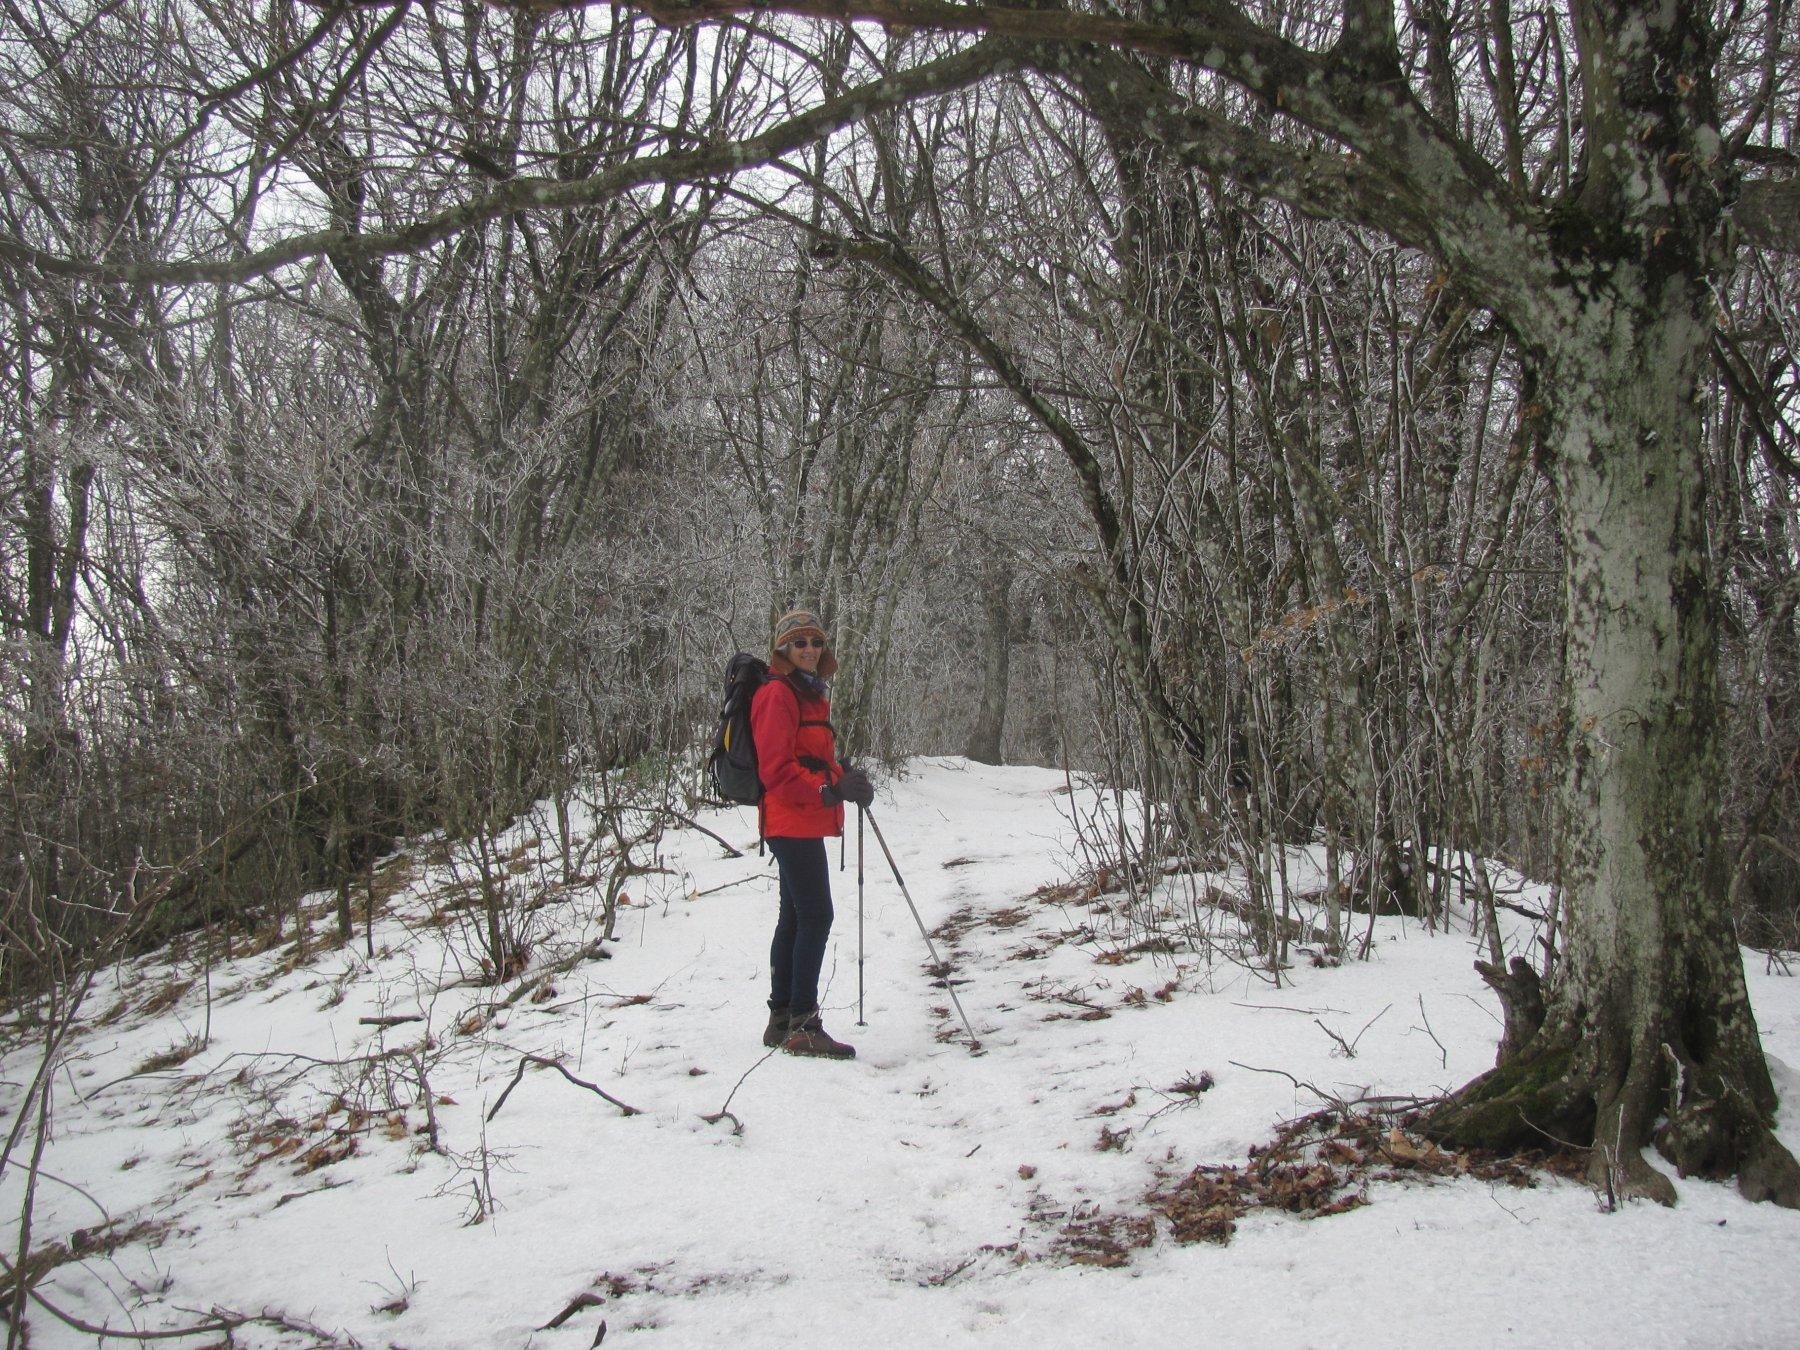 qui il bosco è quasi un viale, con rami imbiancati dalla galaverna